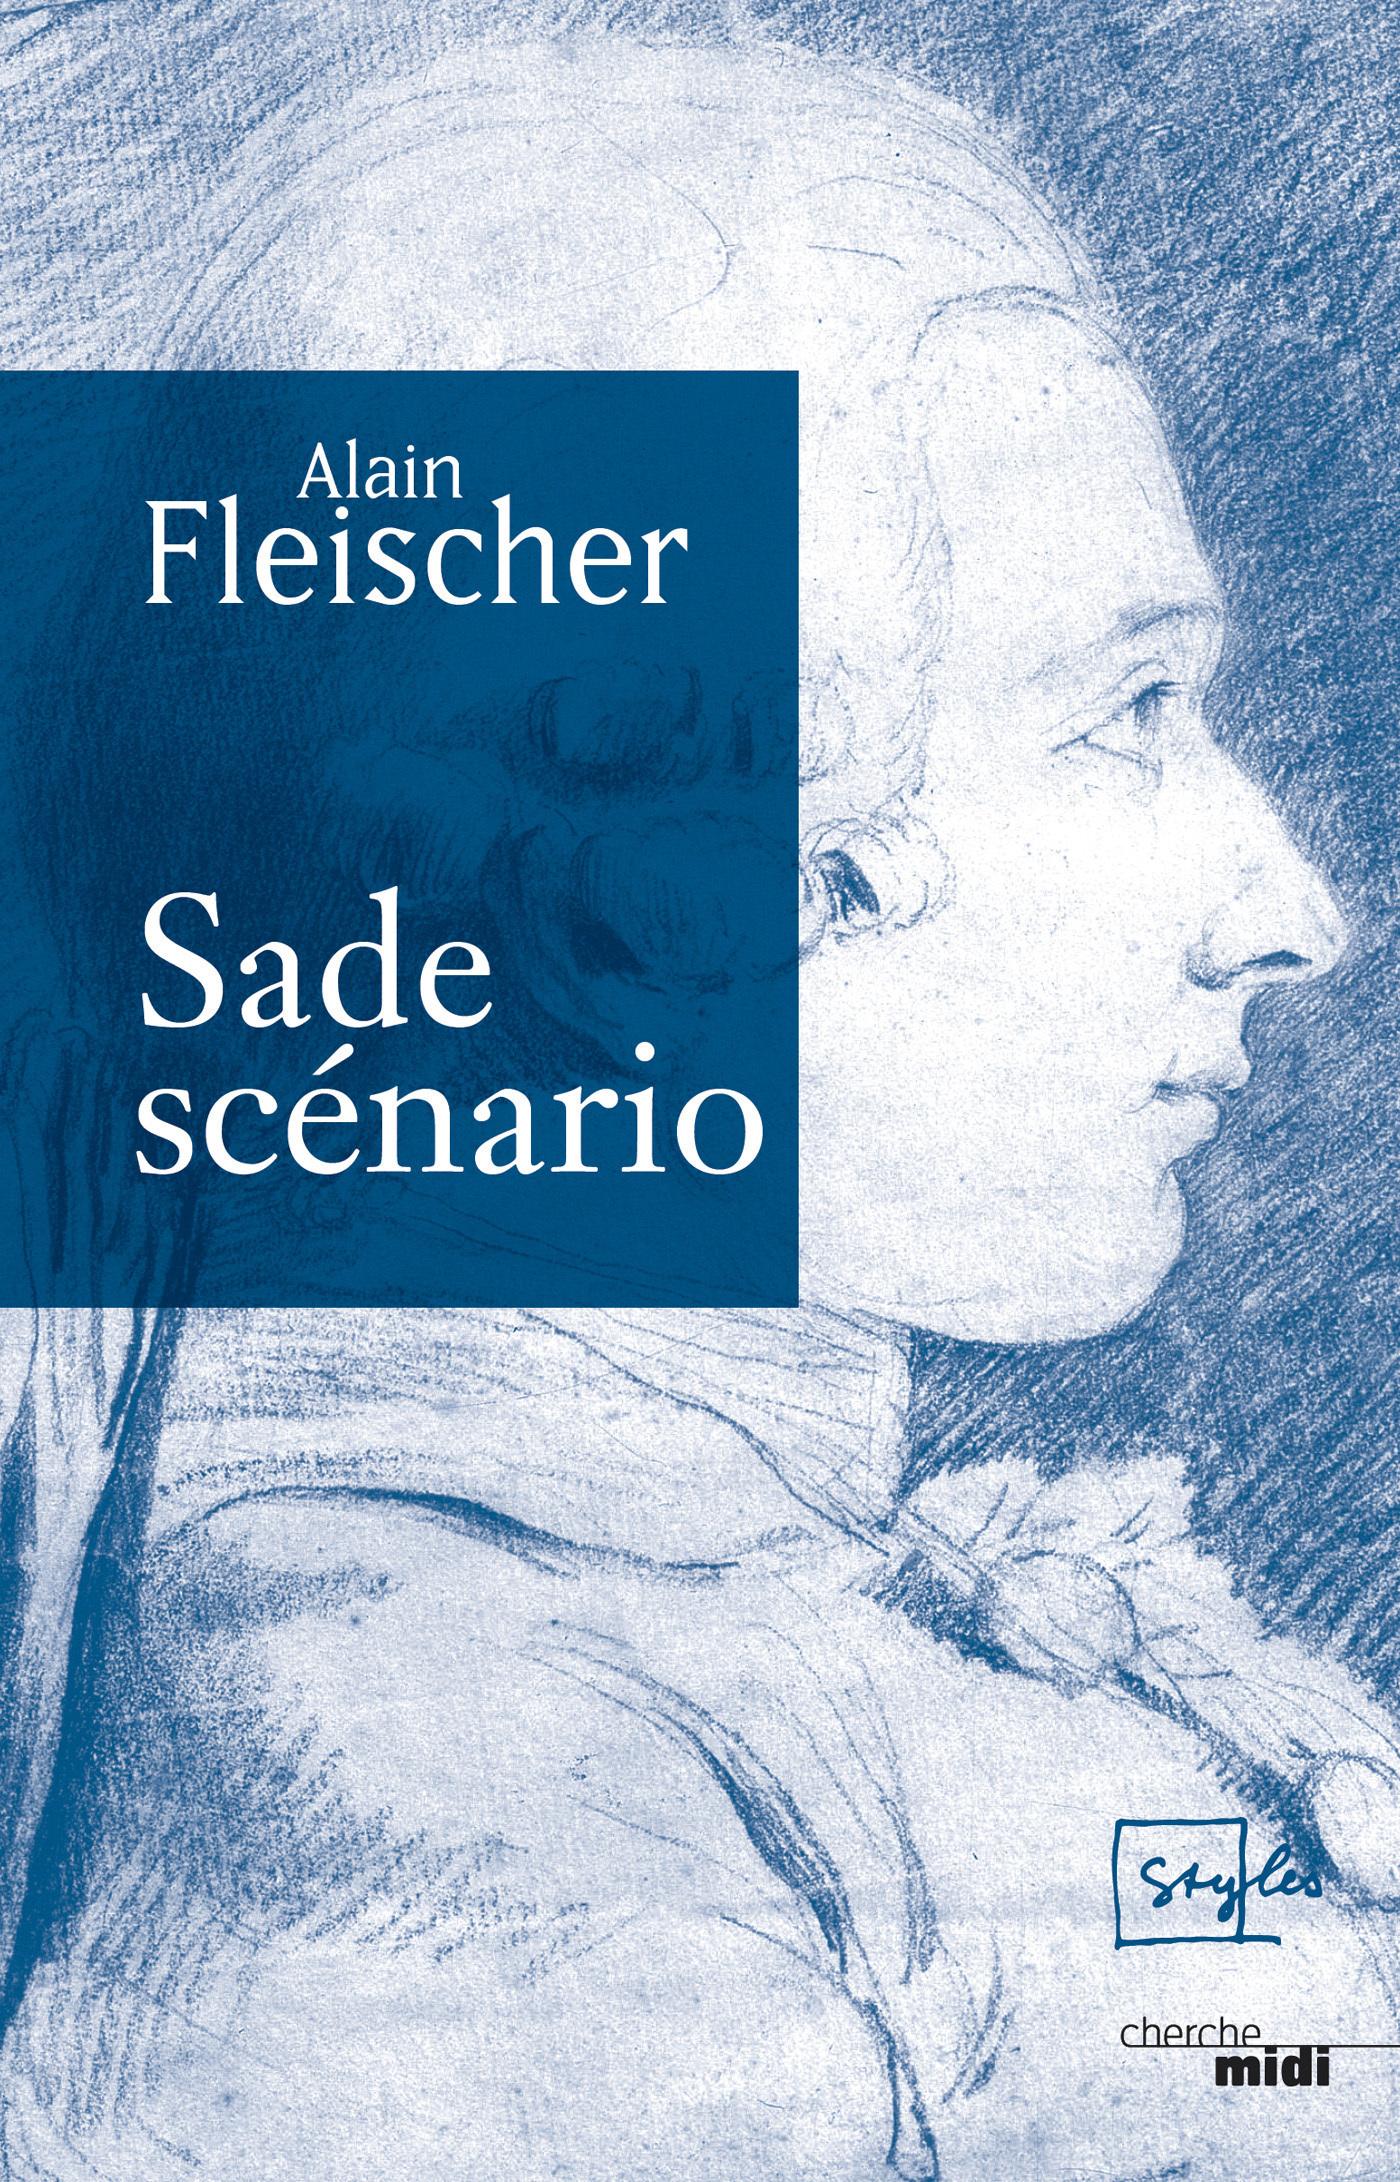 Sade, scénario (ebook)